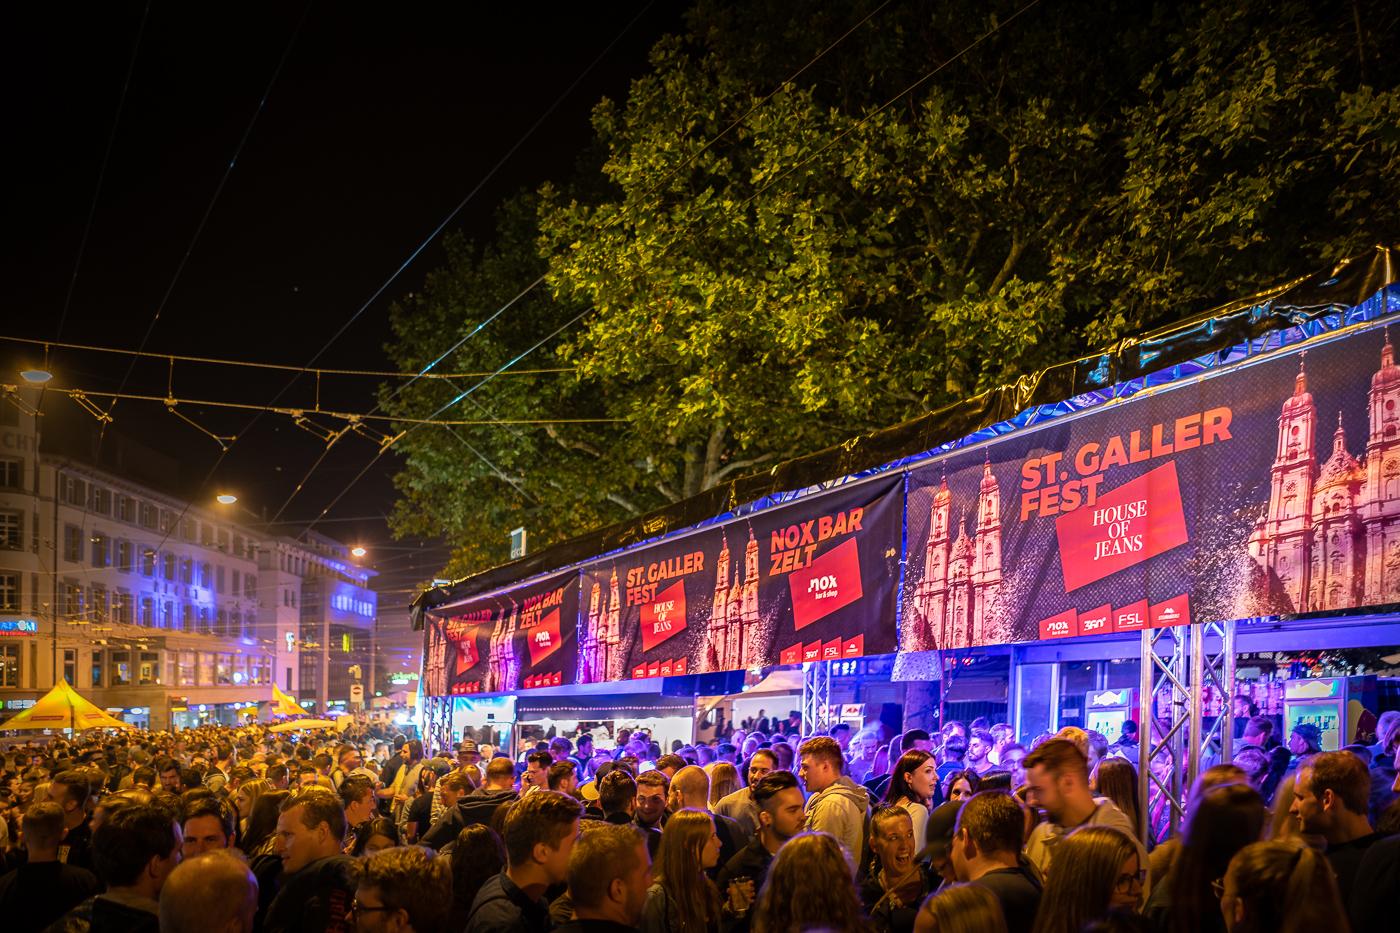 St. Galler Fest, NOX-Bar